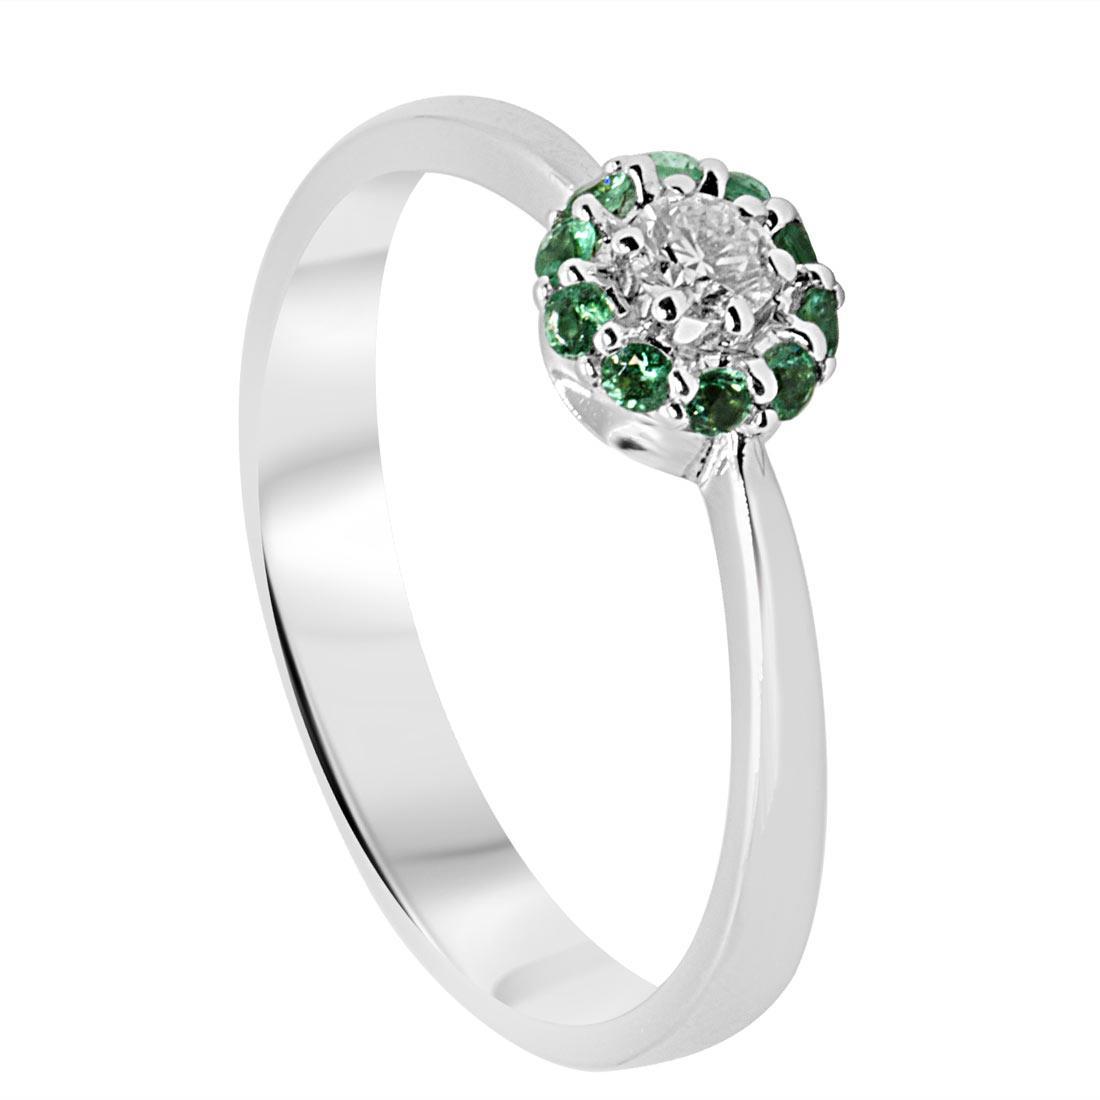 Anello con diamanti e smeraldi mis 14 - ALFIERI & ST. JOHN